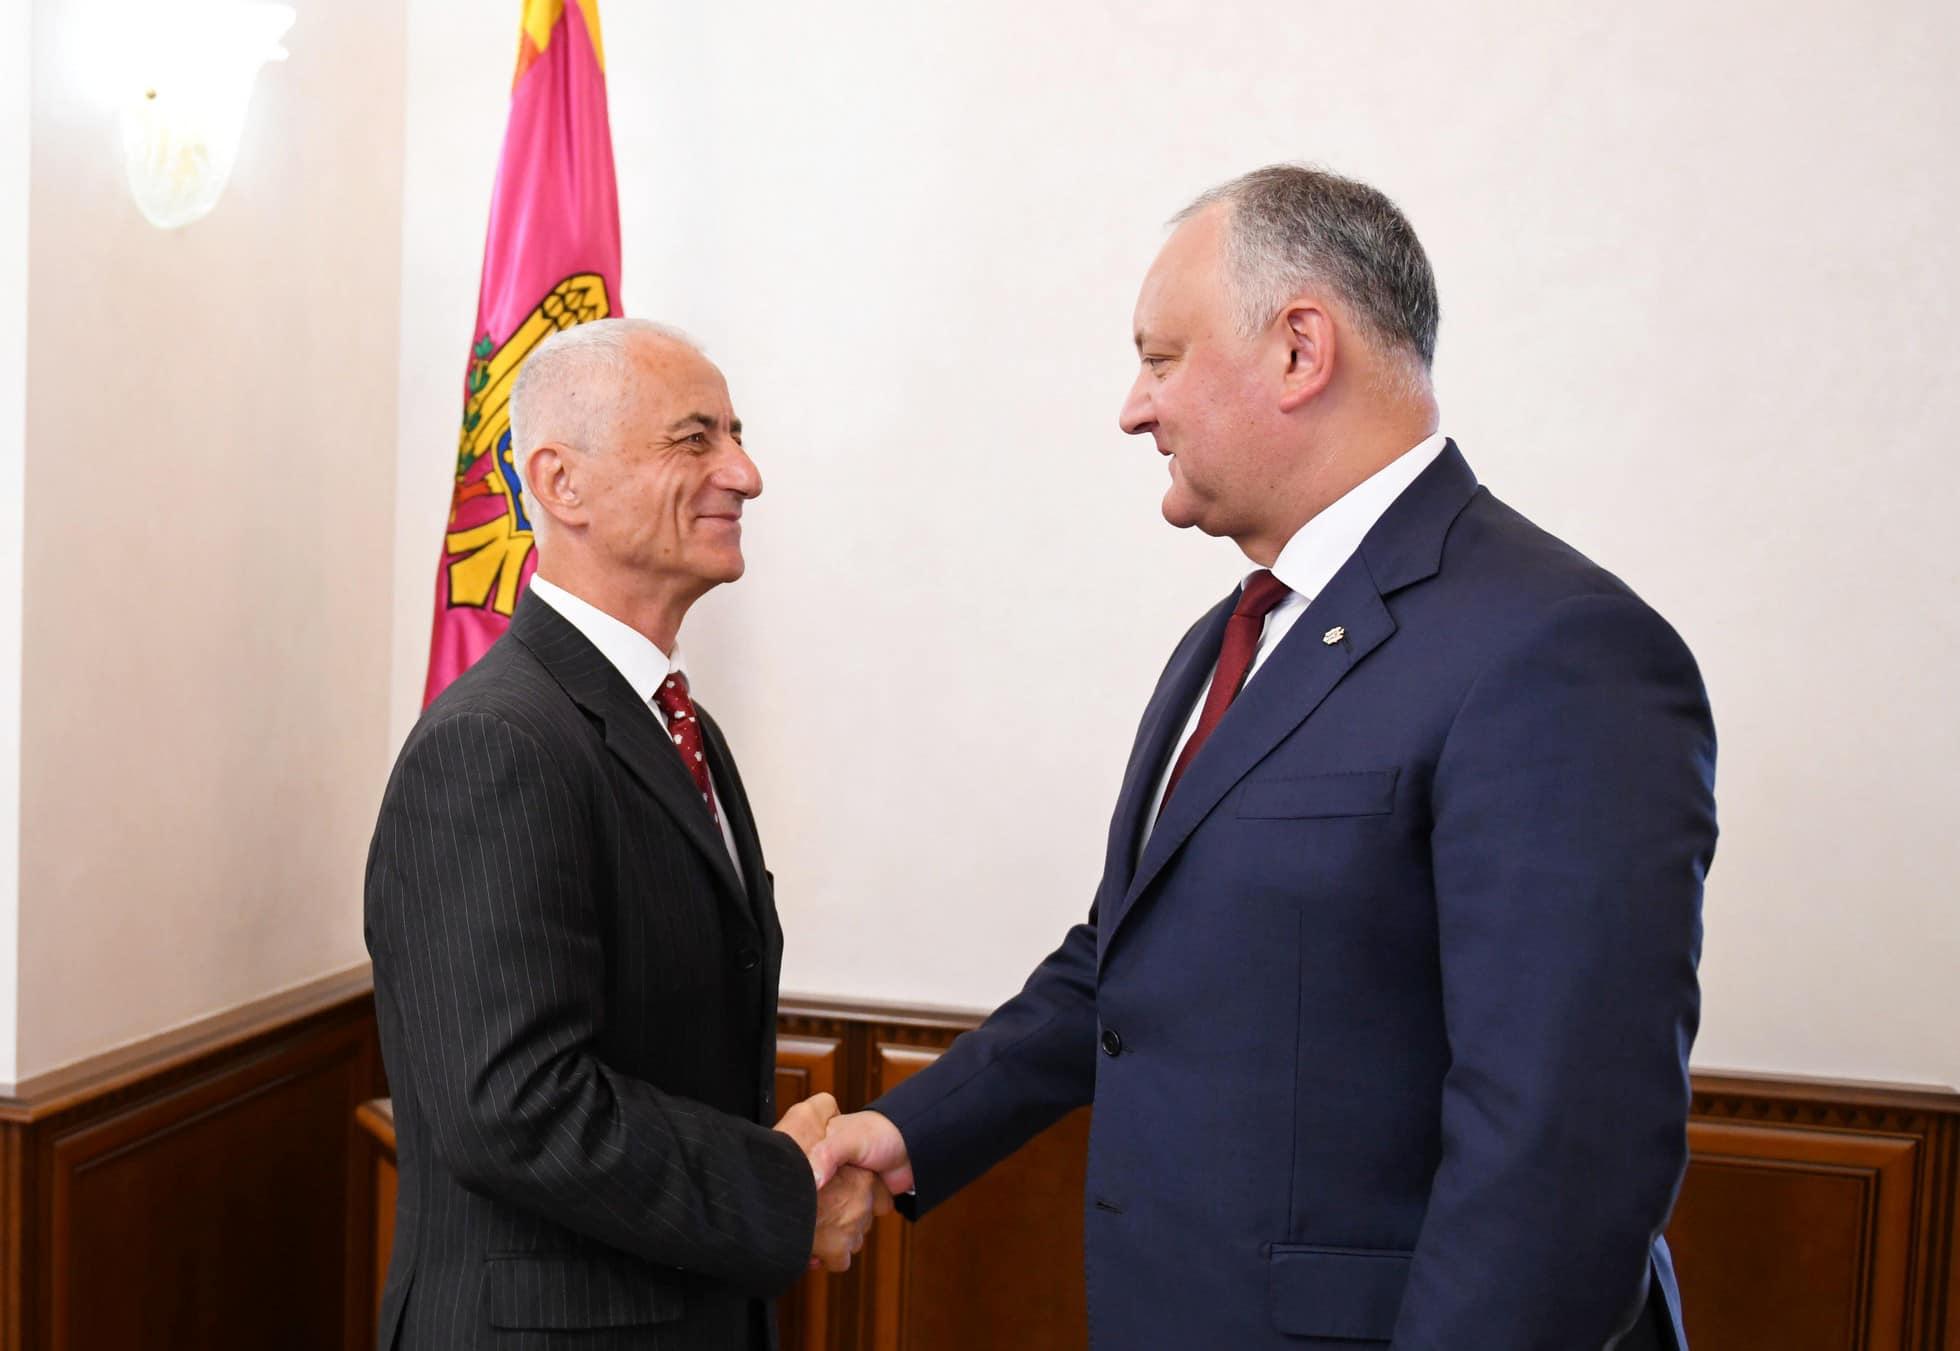 Президент наградил Орденом Республики молдавского чемпиона мира по шашкам (ФОТО, ВИДЕО)